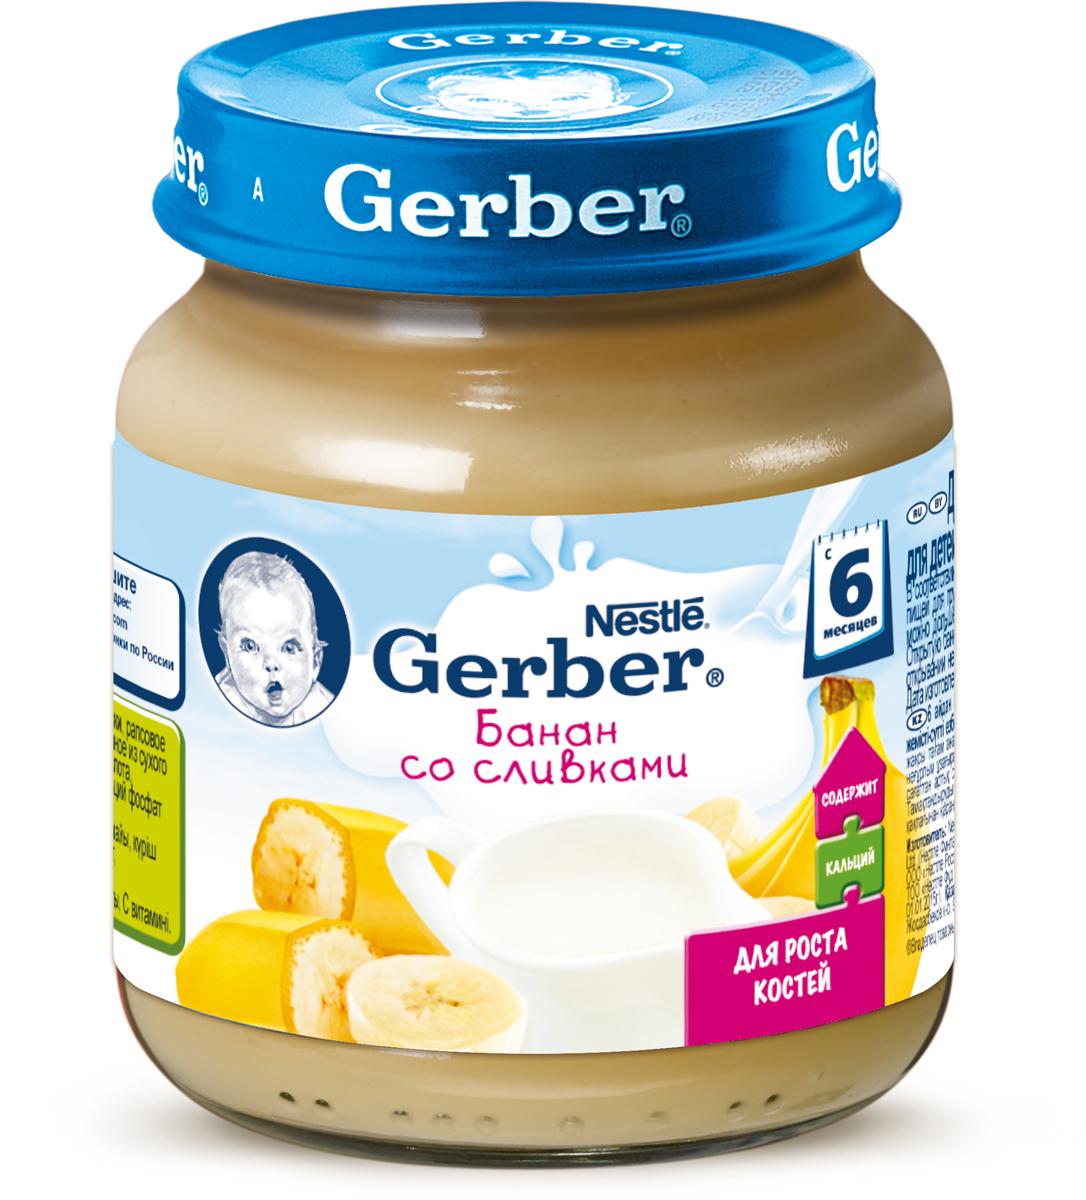 Gerber пюре банан со сливками, с 6 месяцев, 125 г пюре gerber пюре яблоко банан с 6 мес 90 г